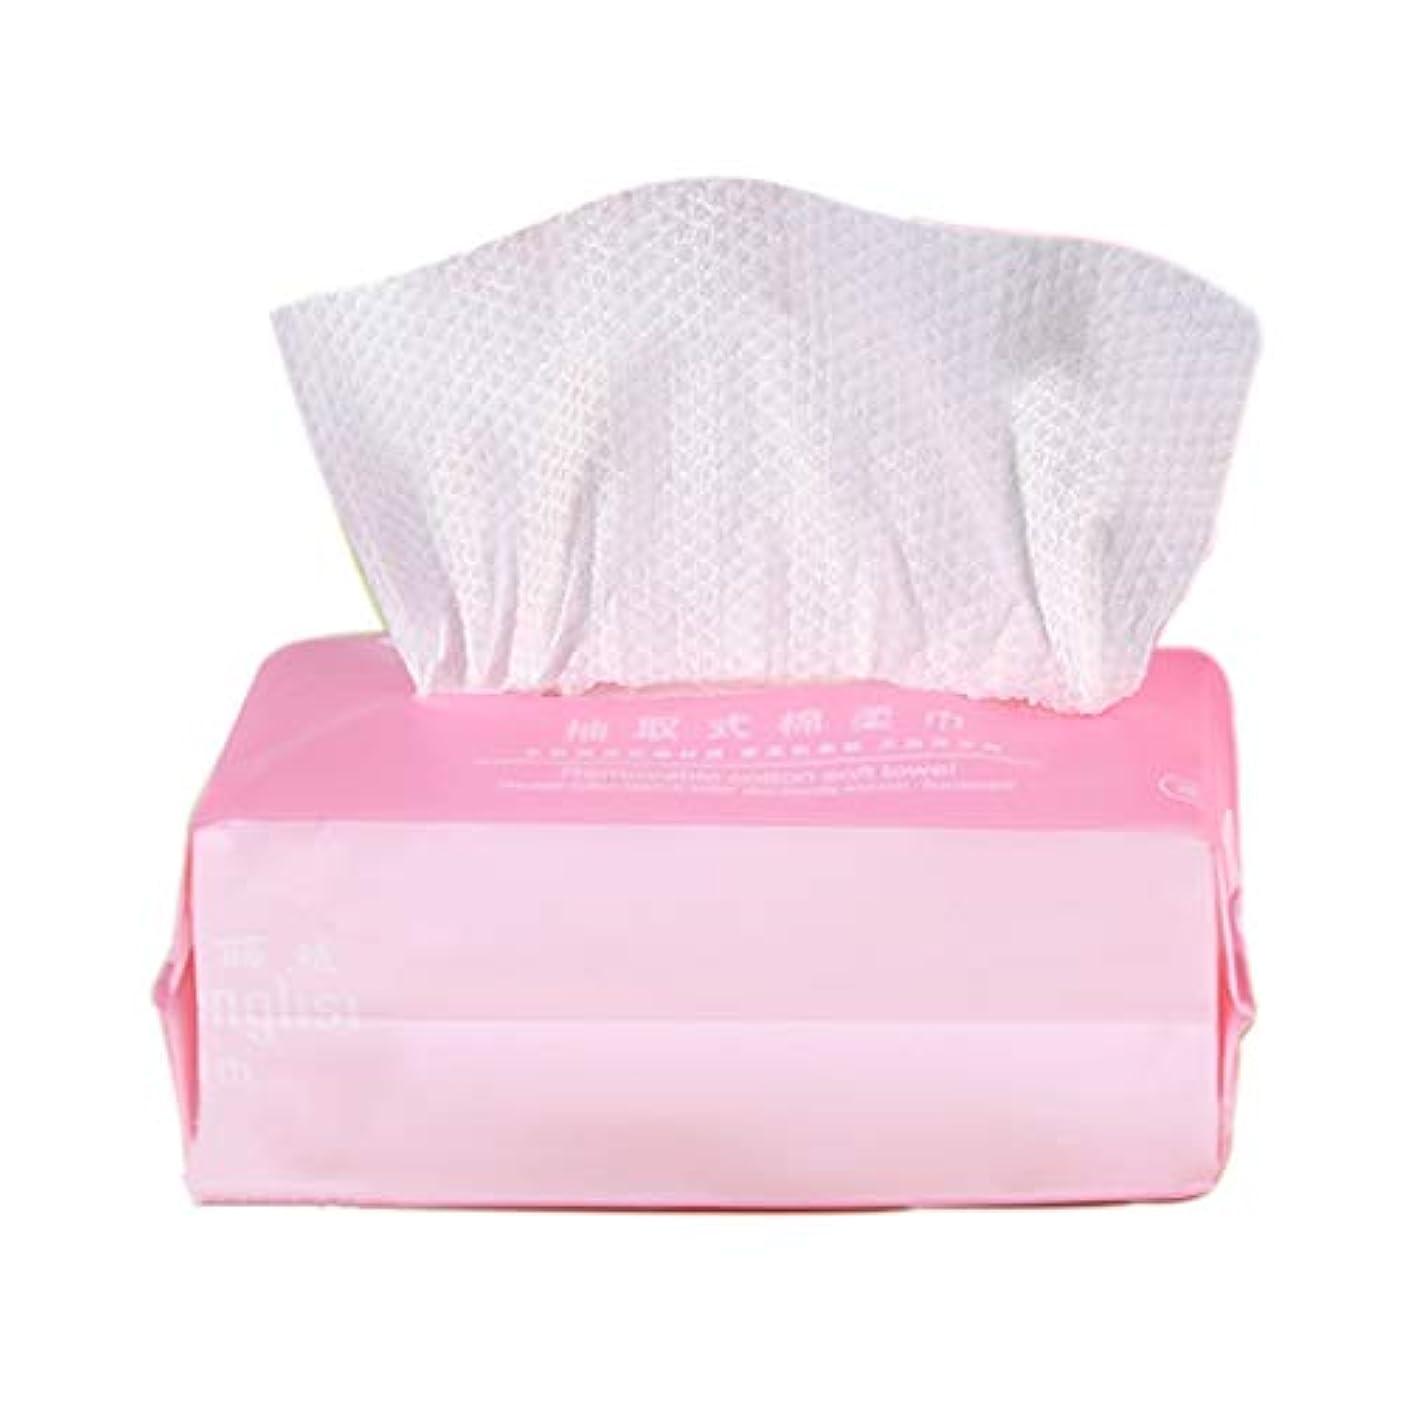 オプションテンポコントローラ女性の使い捨てフェイスタオル、美容メイク落としを洗うあなたの顔を乾拭きポータブルアウトドアメイクアップフェイシャルタオル (Color : White)